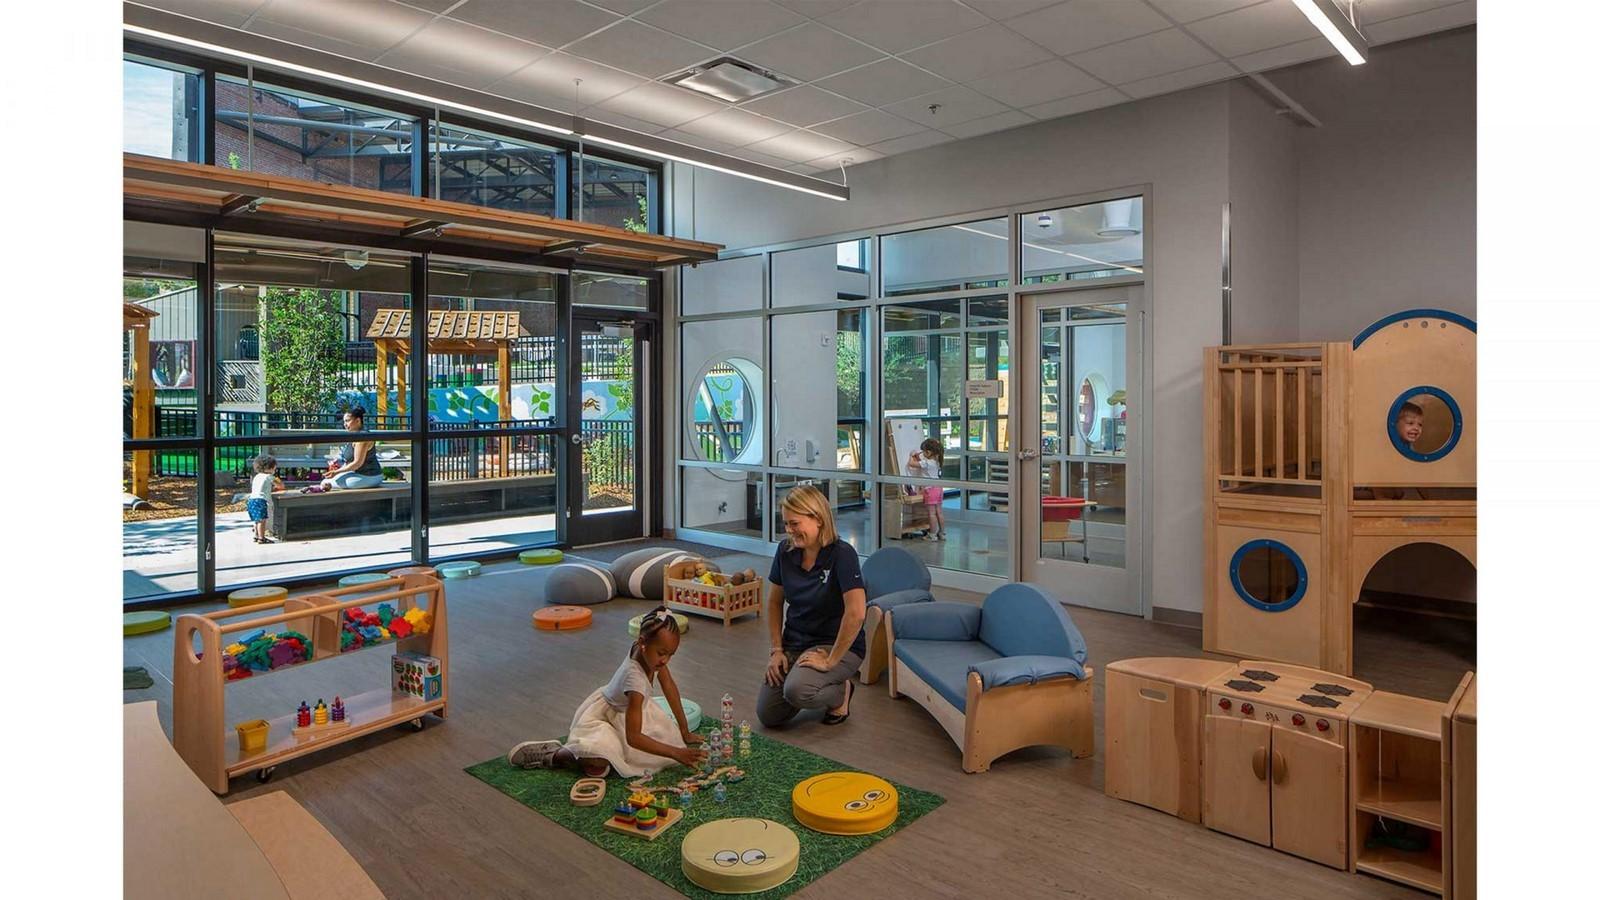 YMCA Early learning center - Shet4